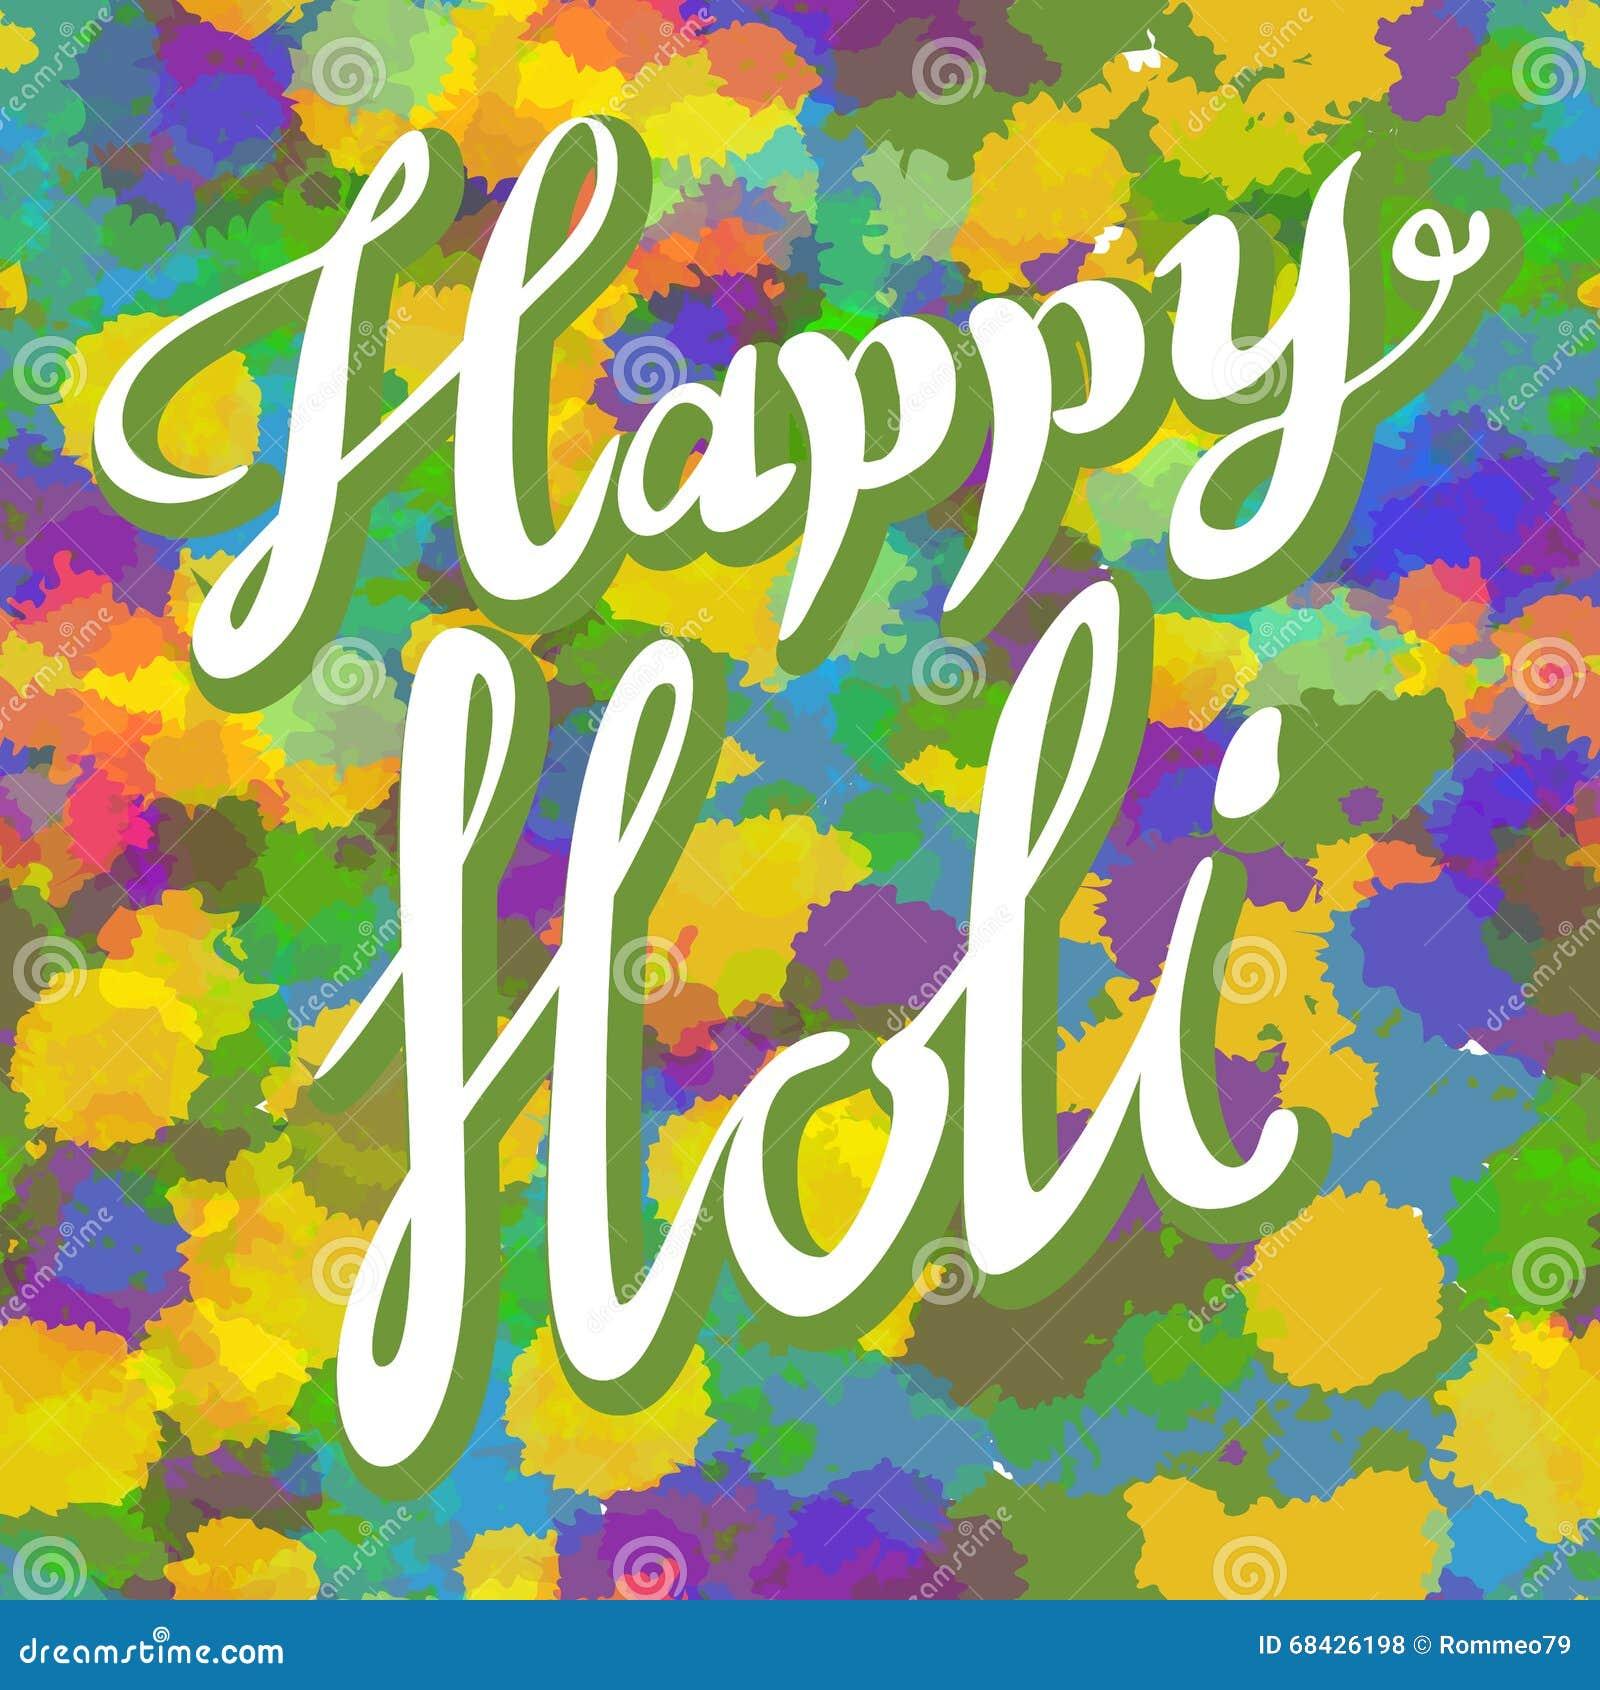 Creative Flyer, Banner Or Pamphlet Design For Indian Festival Of ...